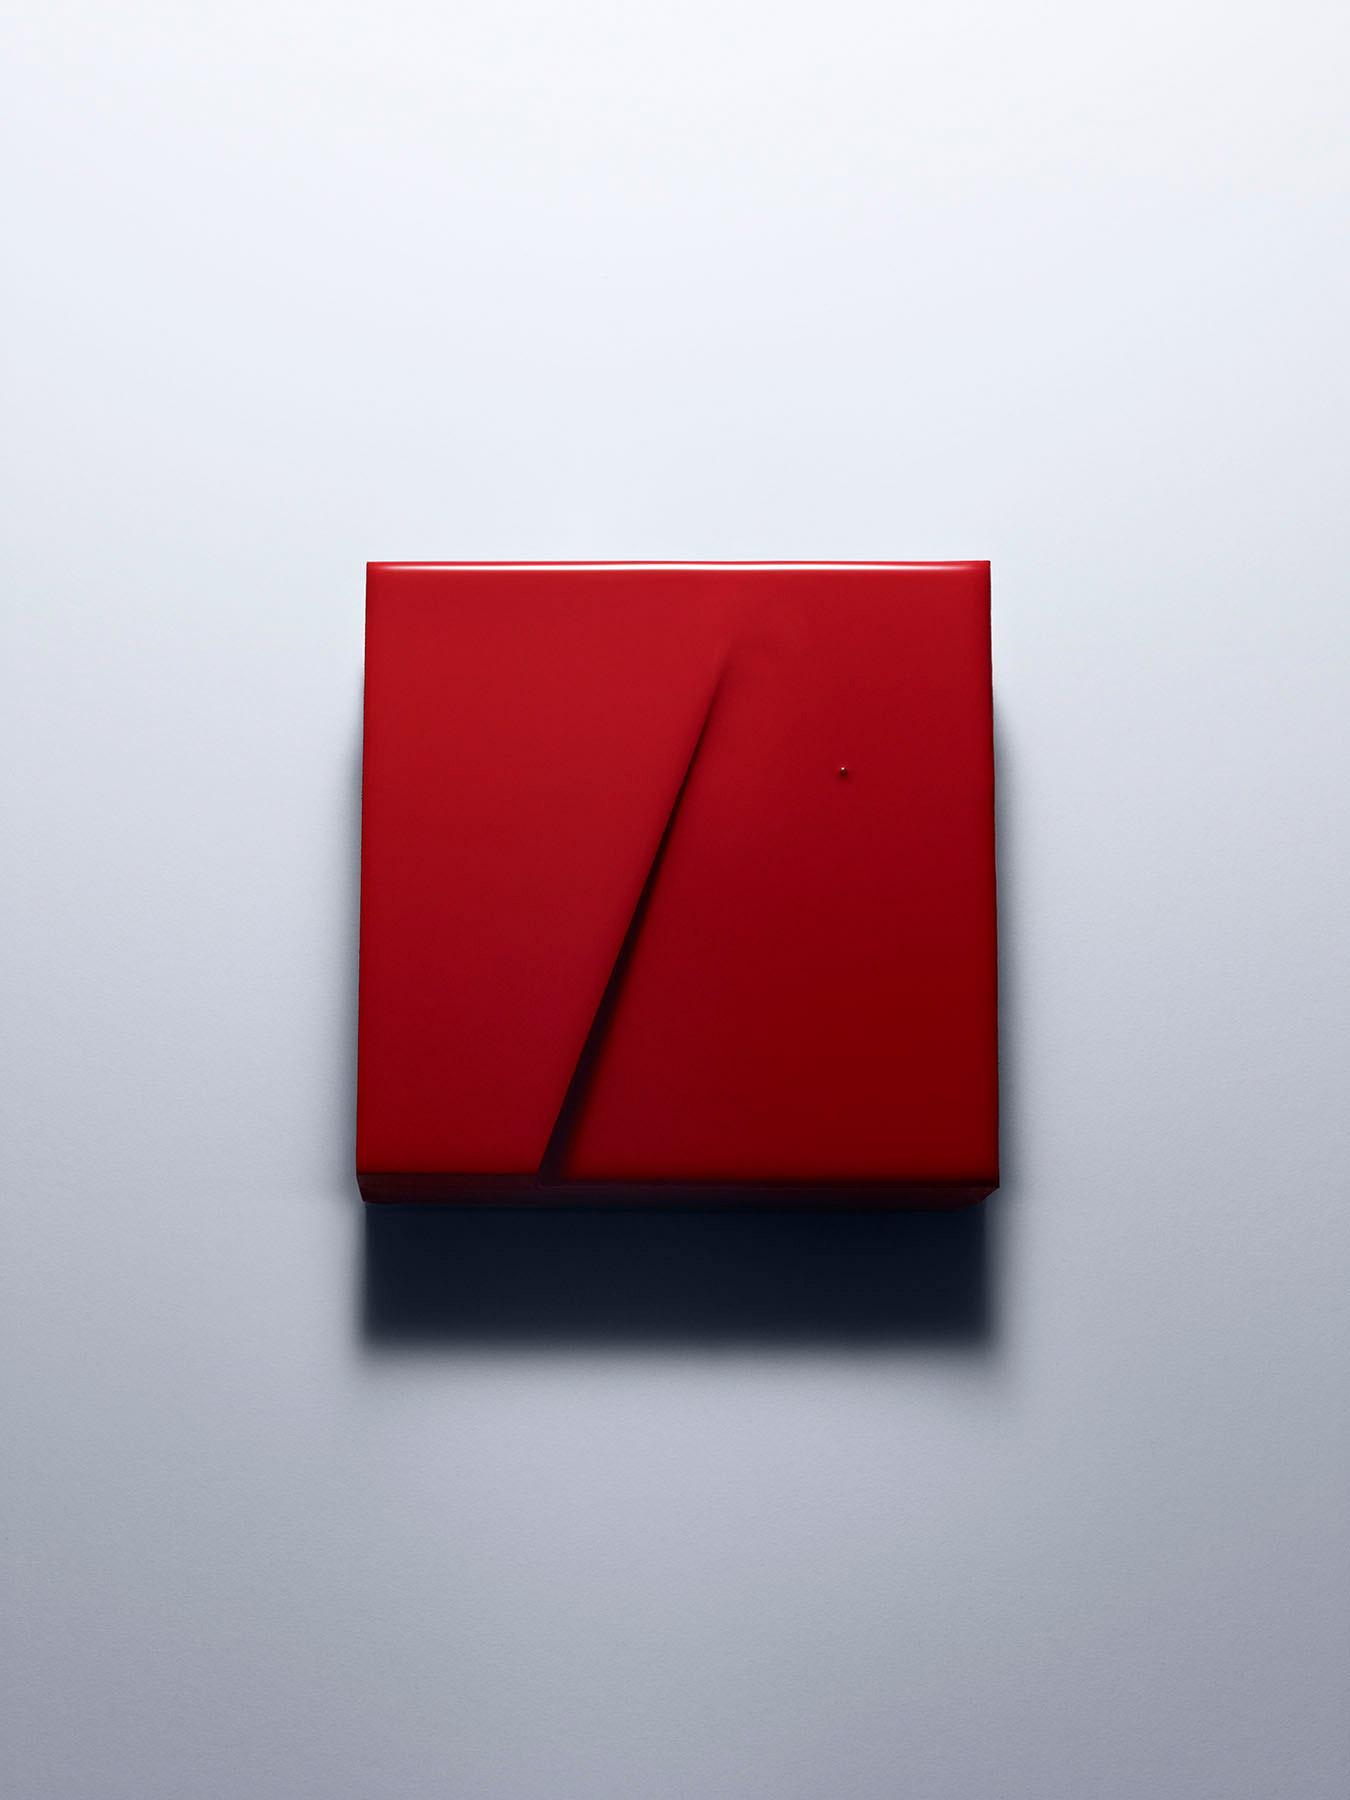 c02perso_square